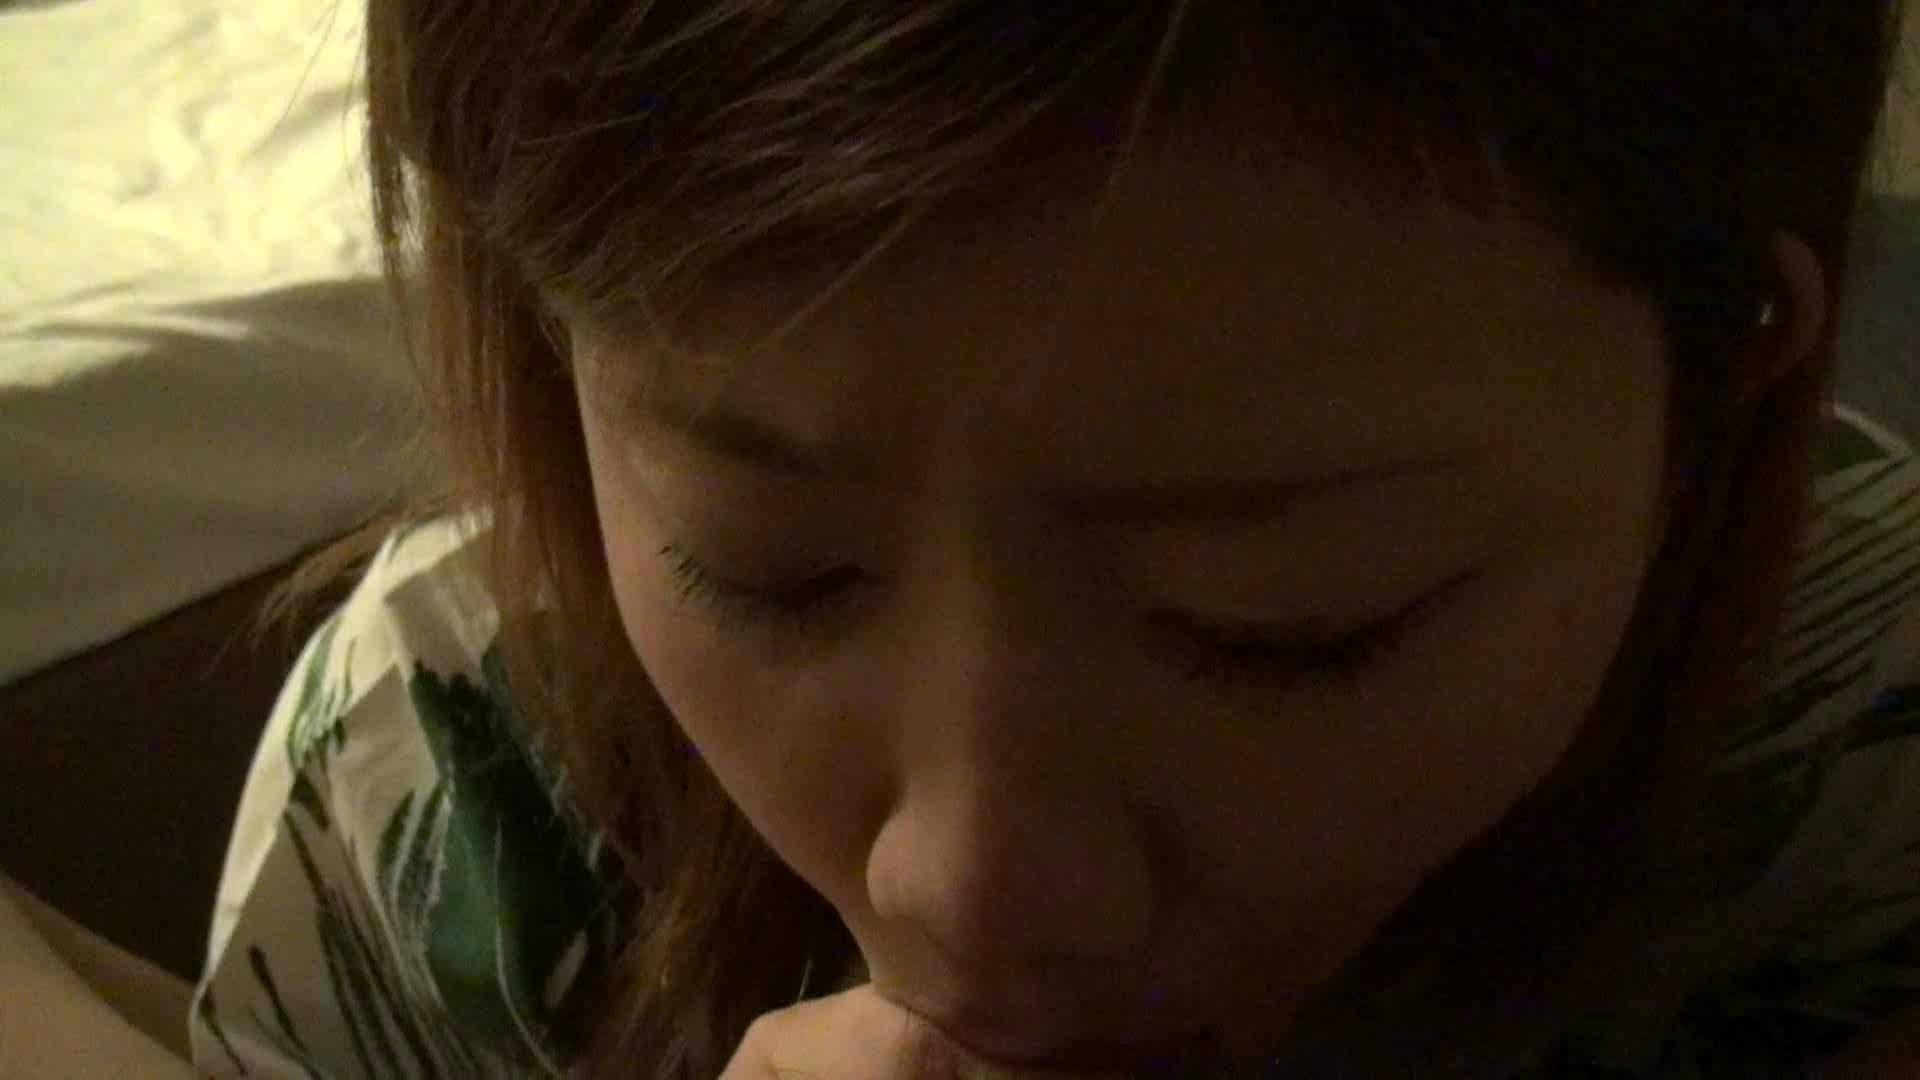 【悪戯の前】大助さんとの初めての撮影(まれまでと違って本人の意思としては・・・) ドキュメント  46連発 12